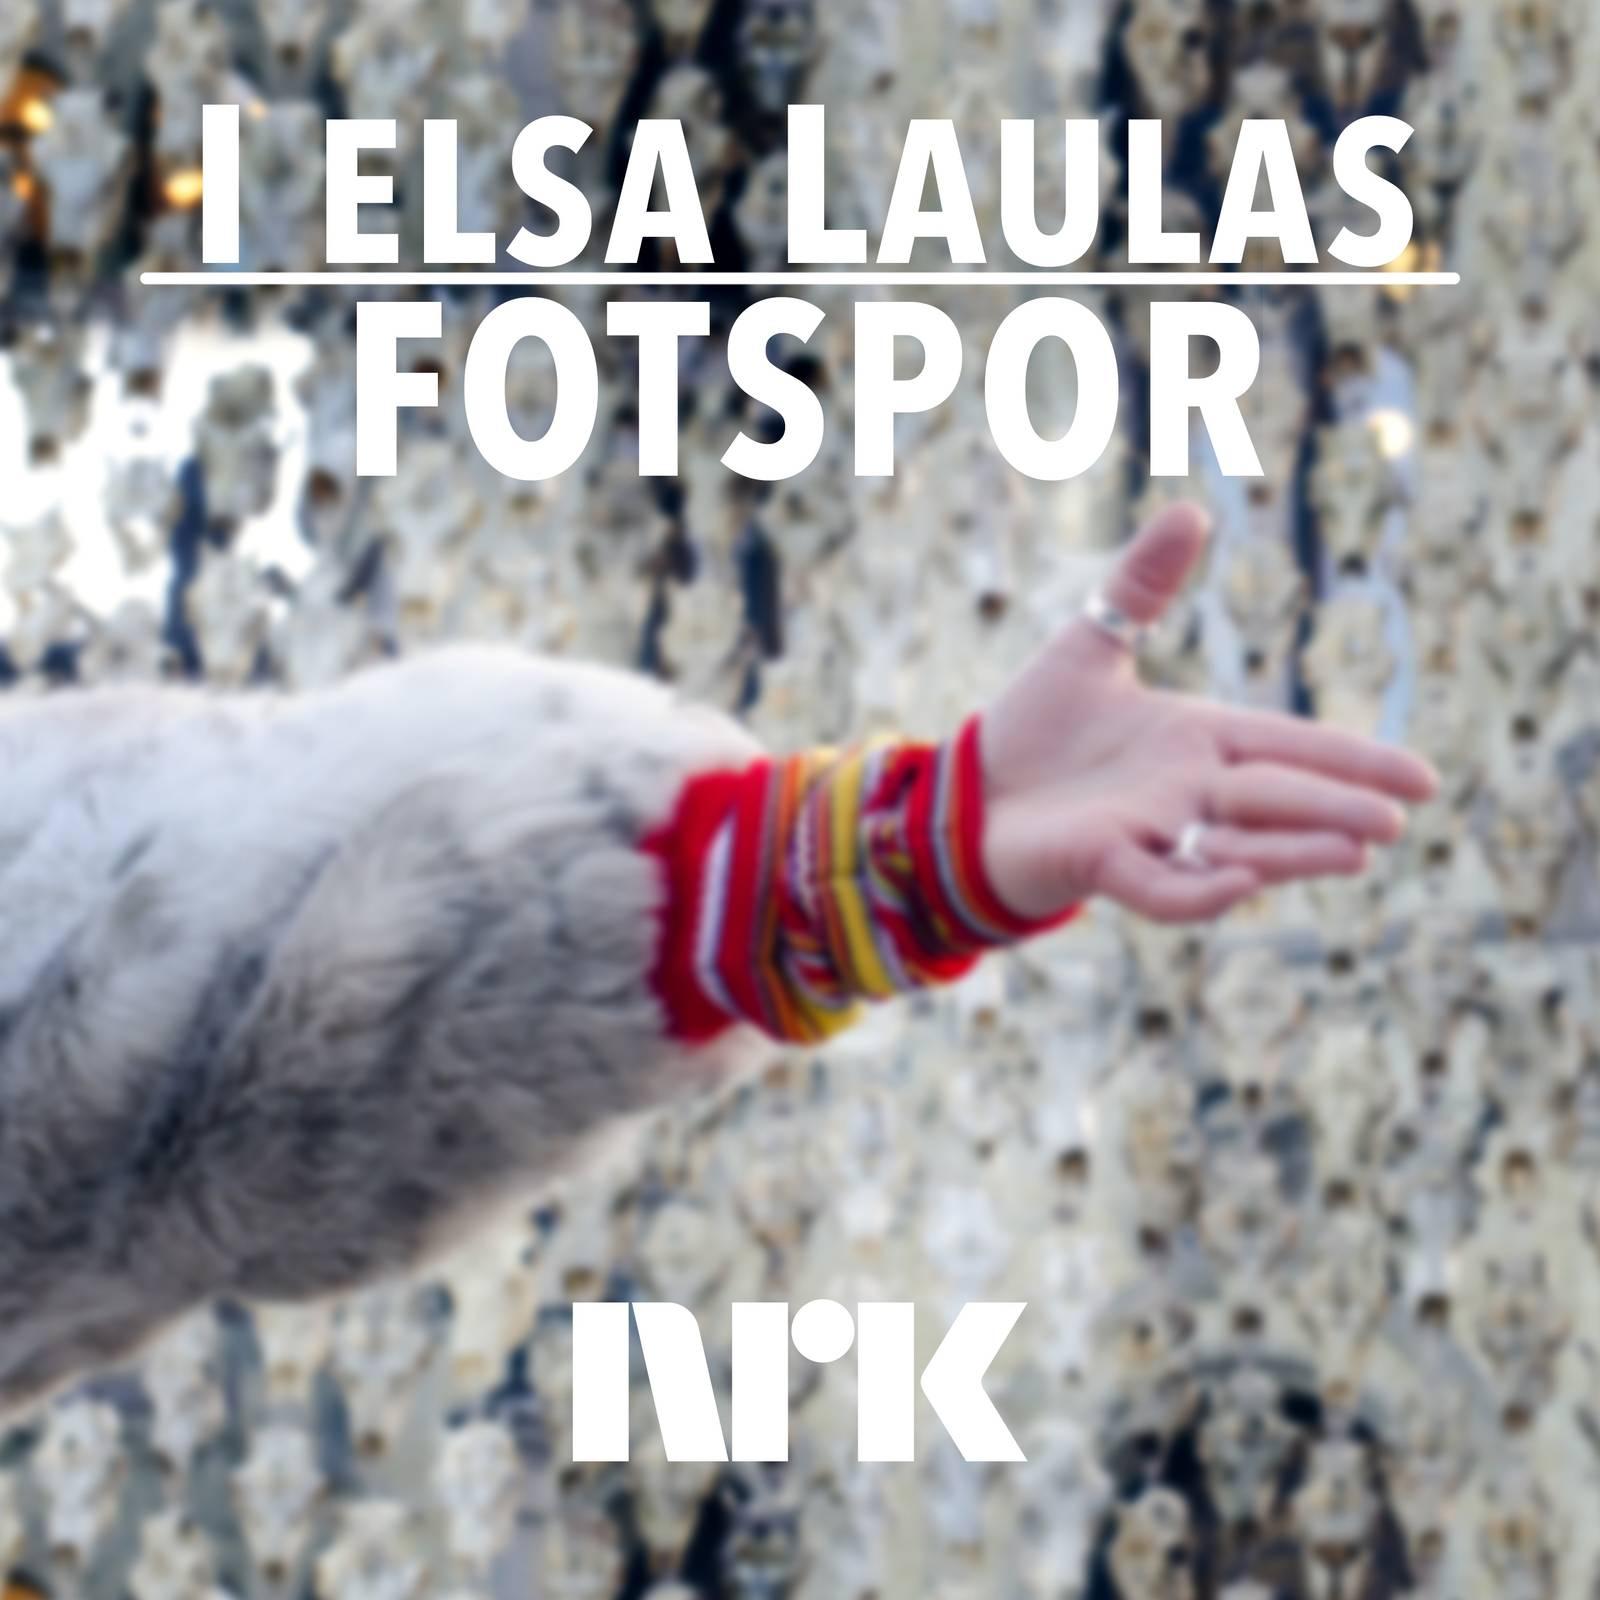 I Elsa Laulas fotspor